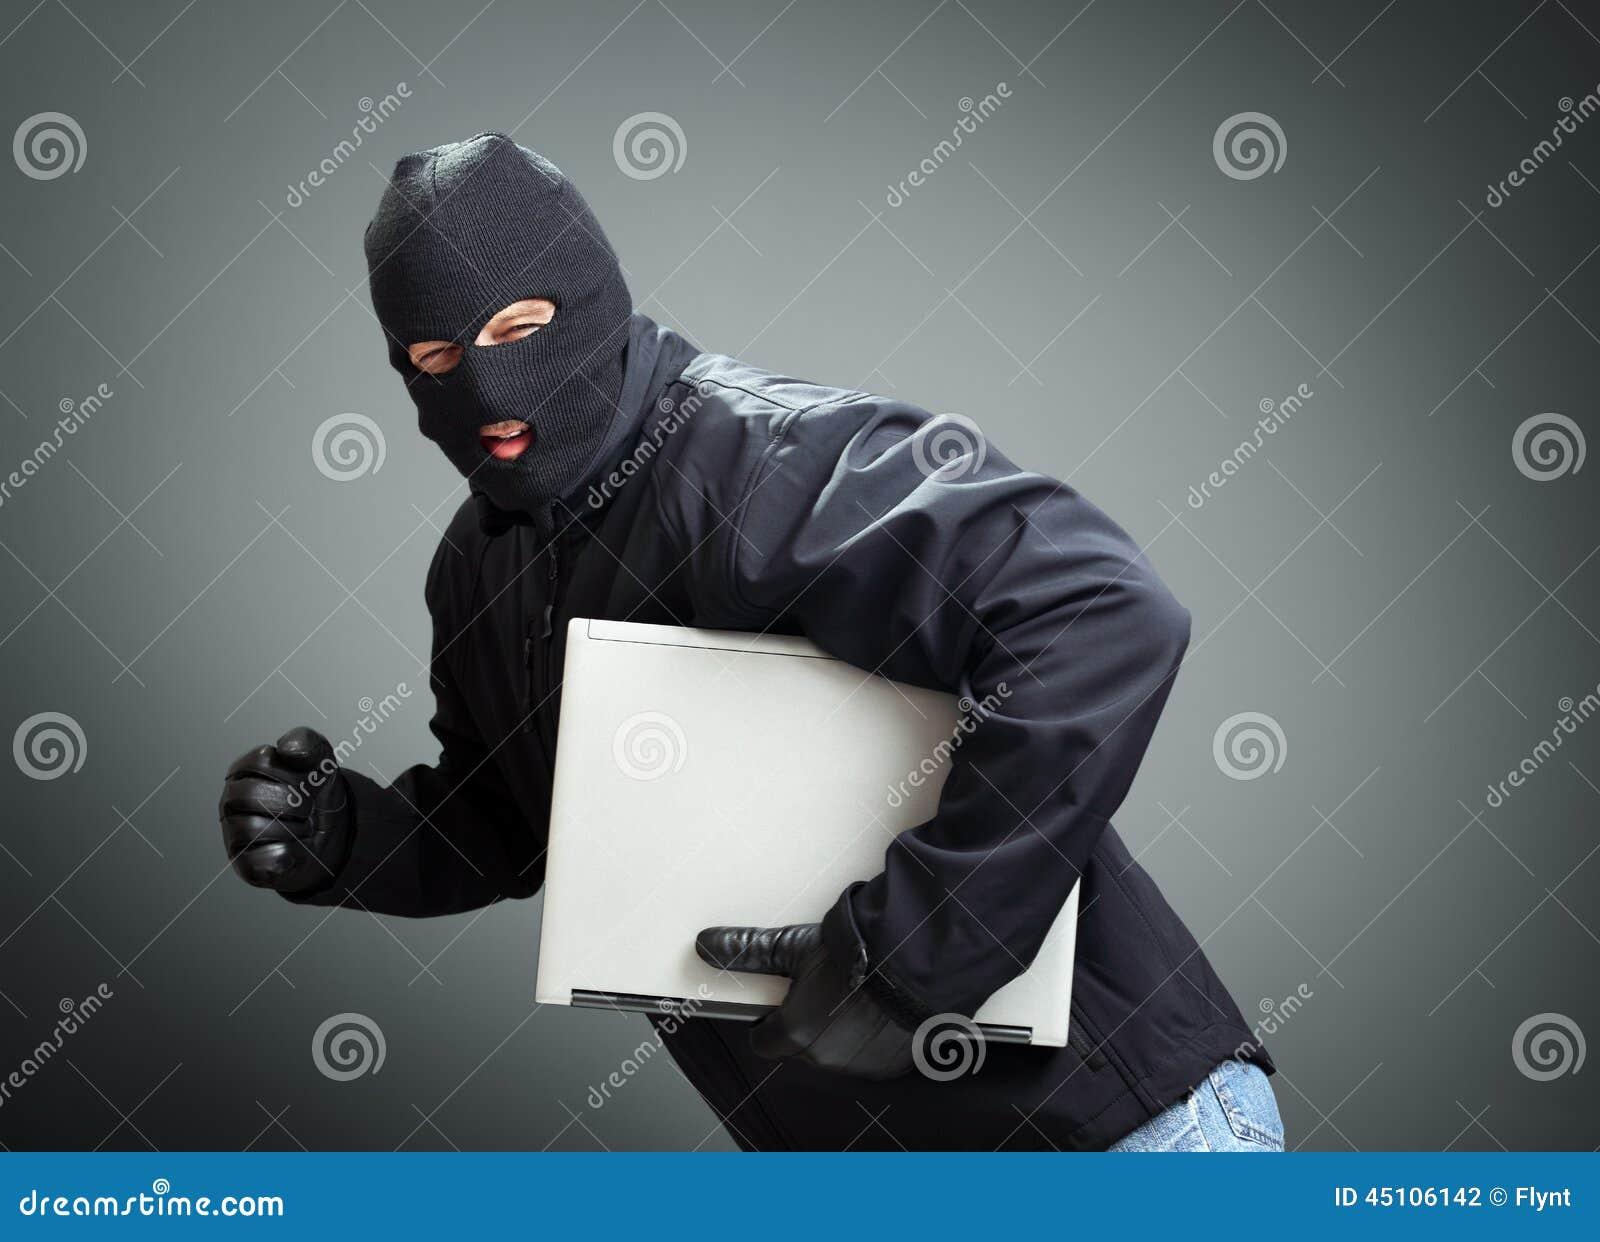 窃取便携式计算机的窃贼